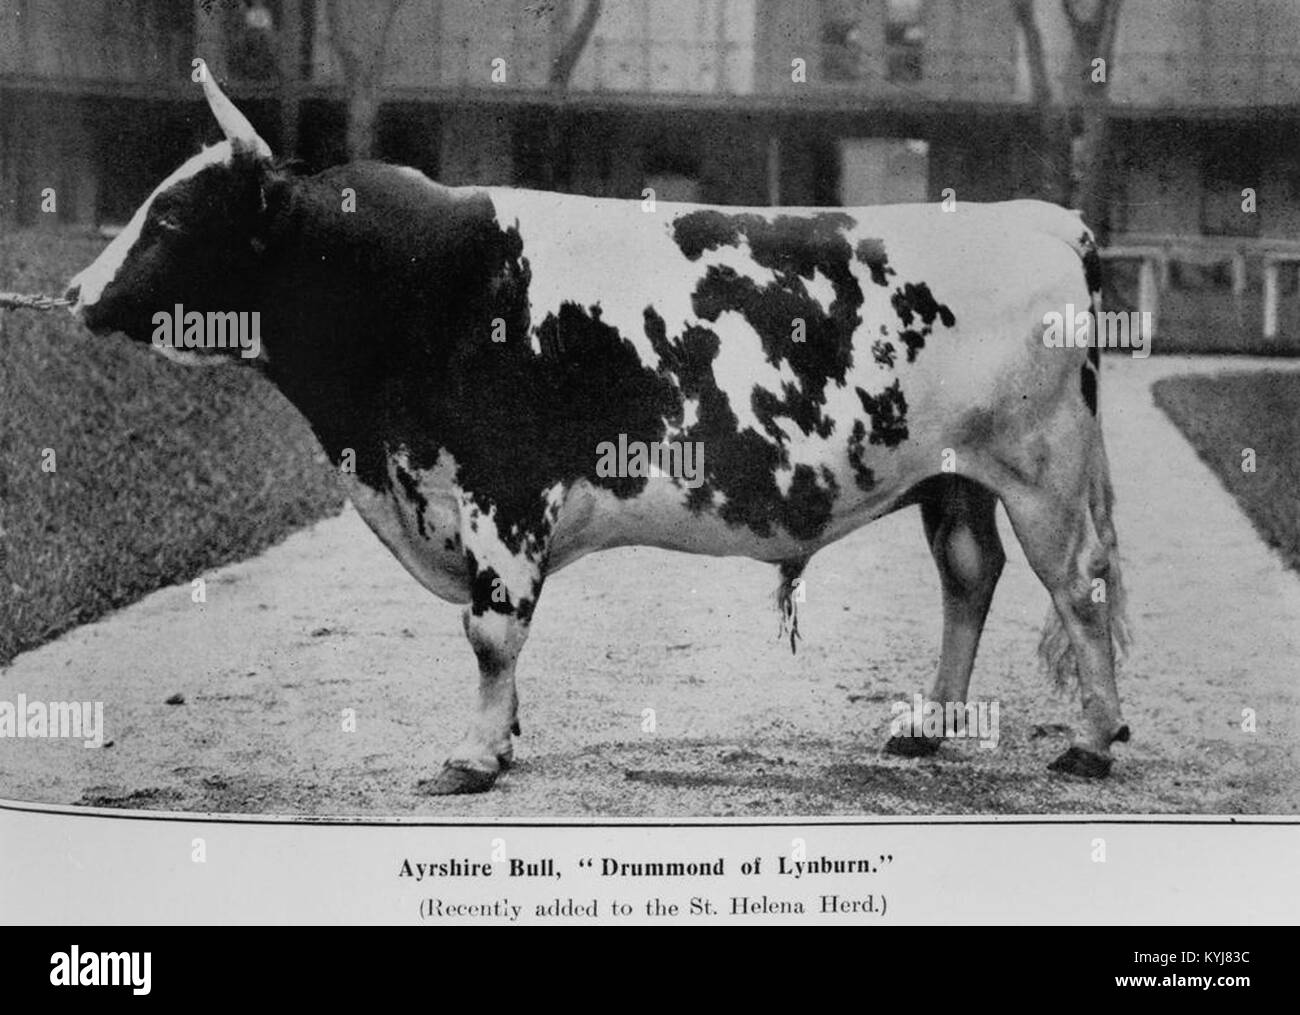 Ayrshire Bull